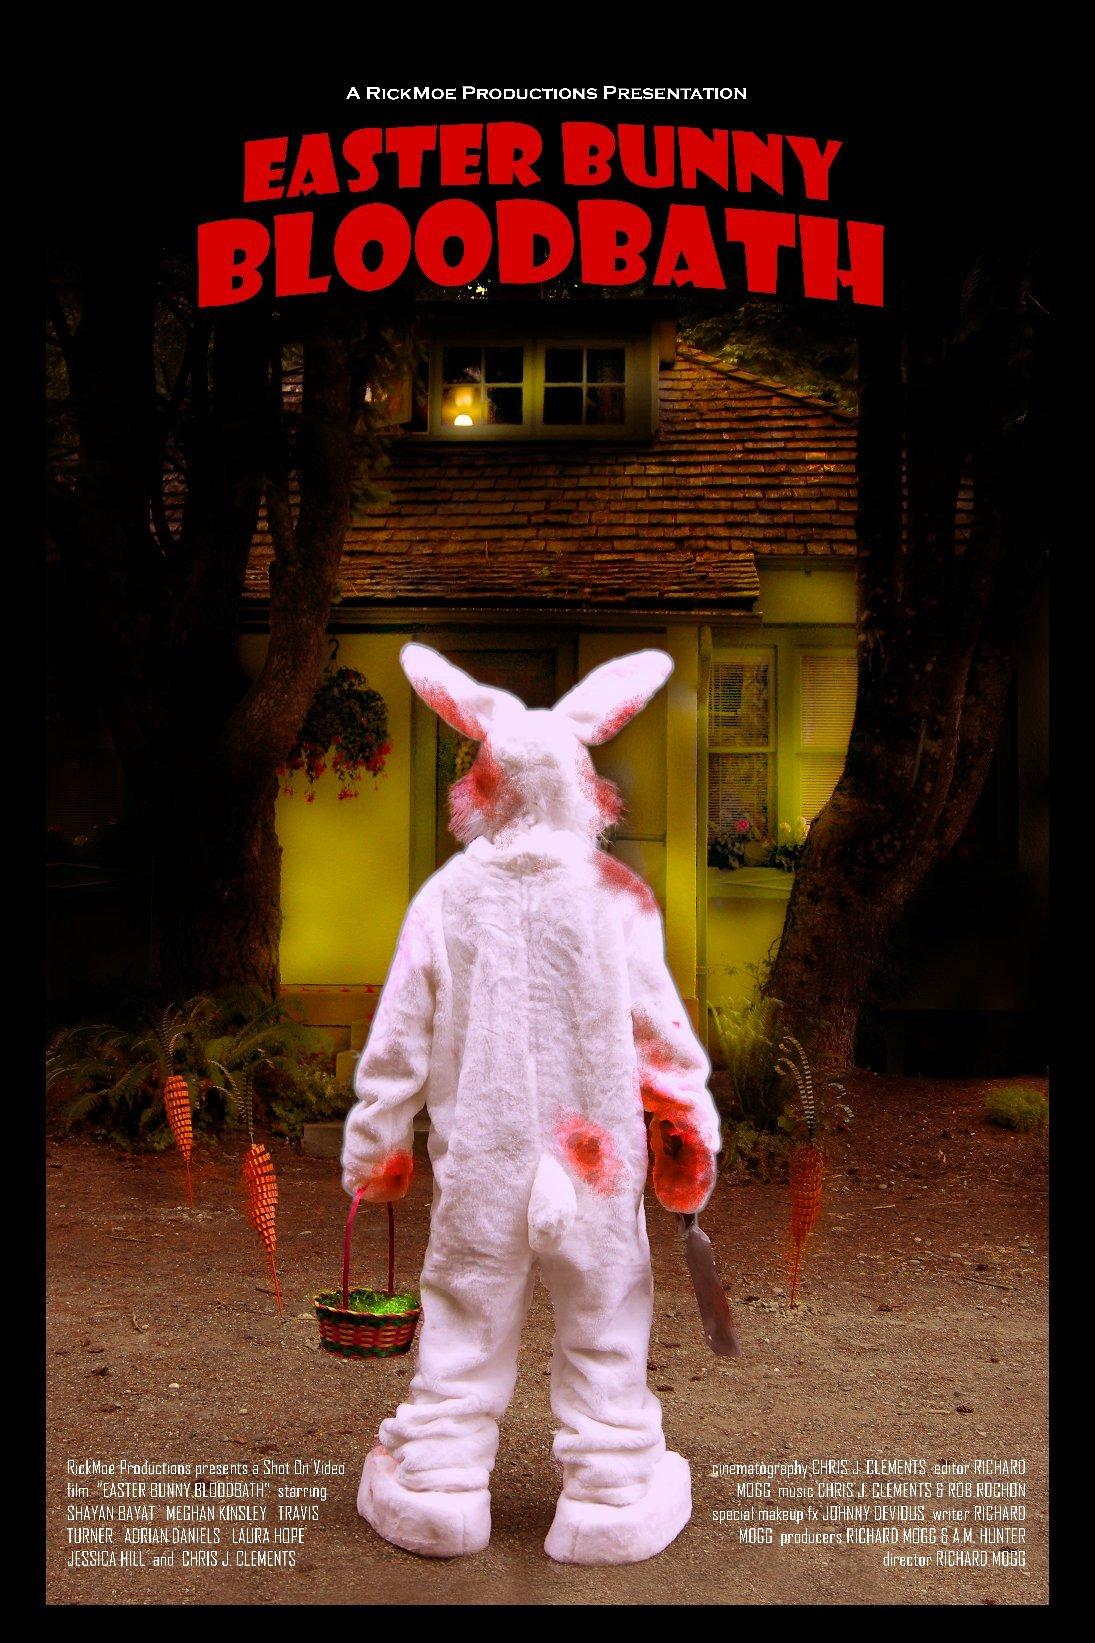 Easter Bunny Bloodbath 2010 Imdb